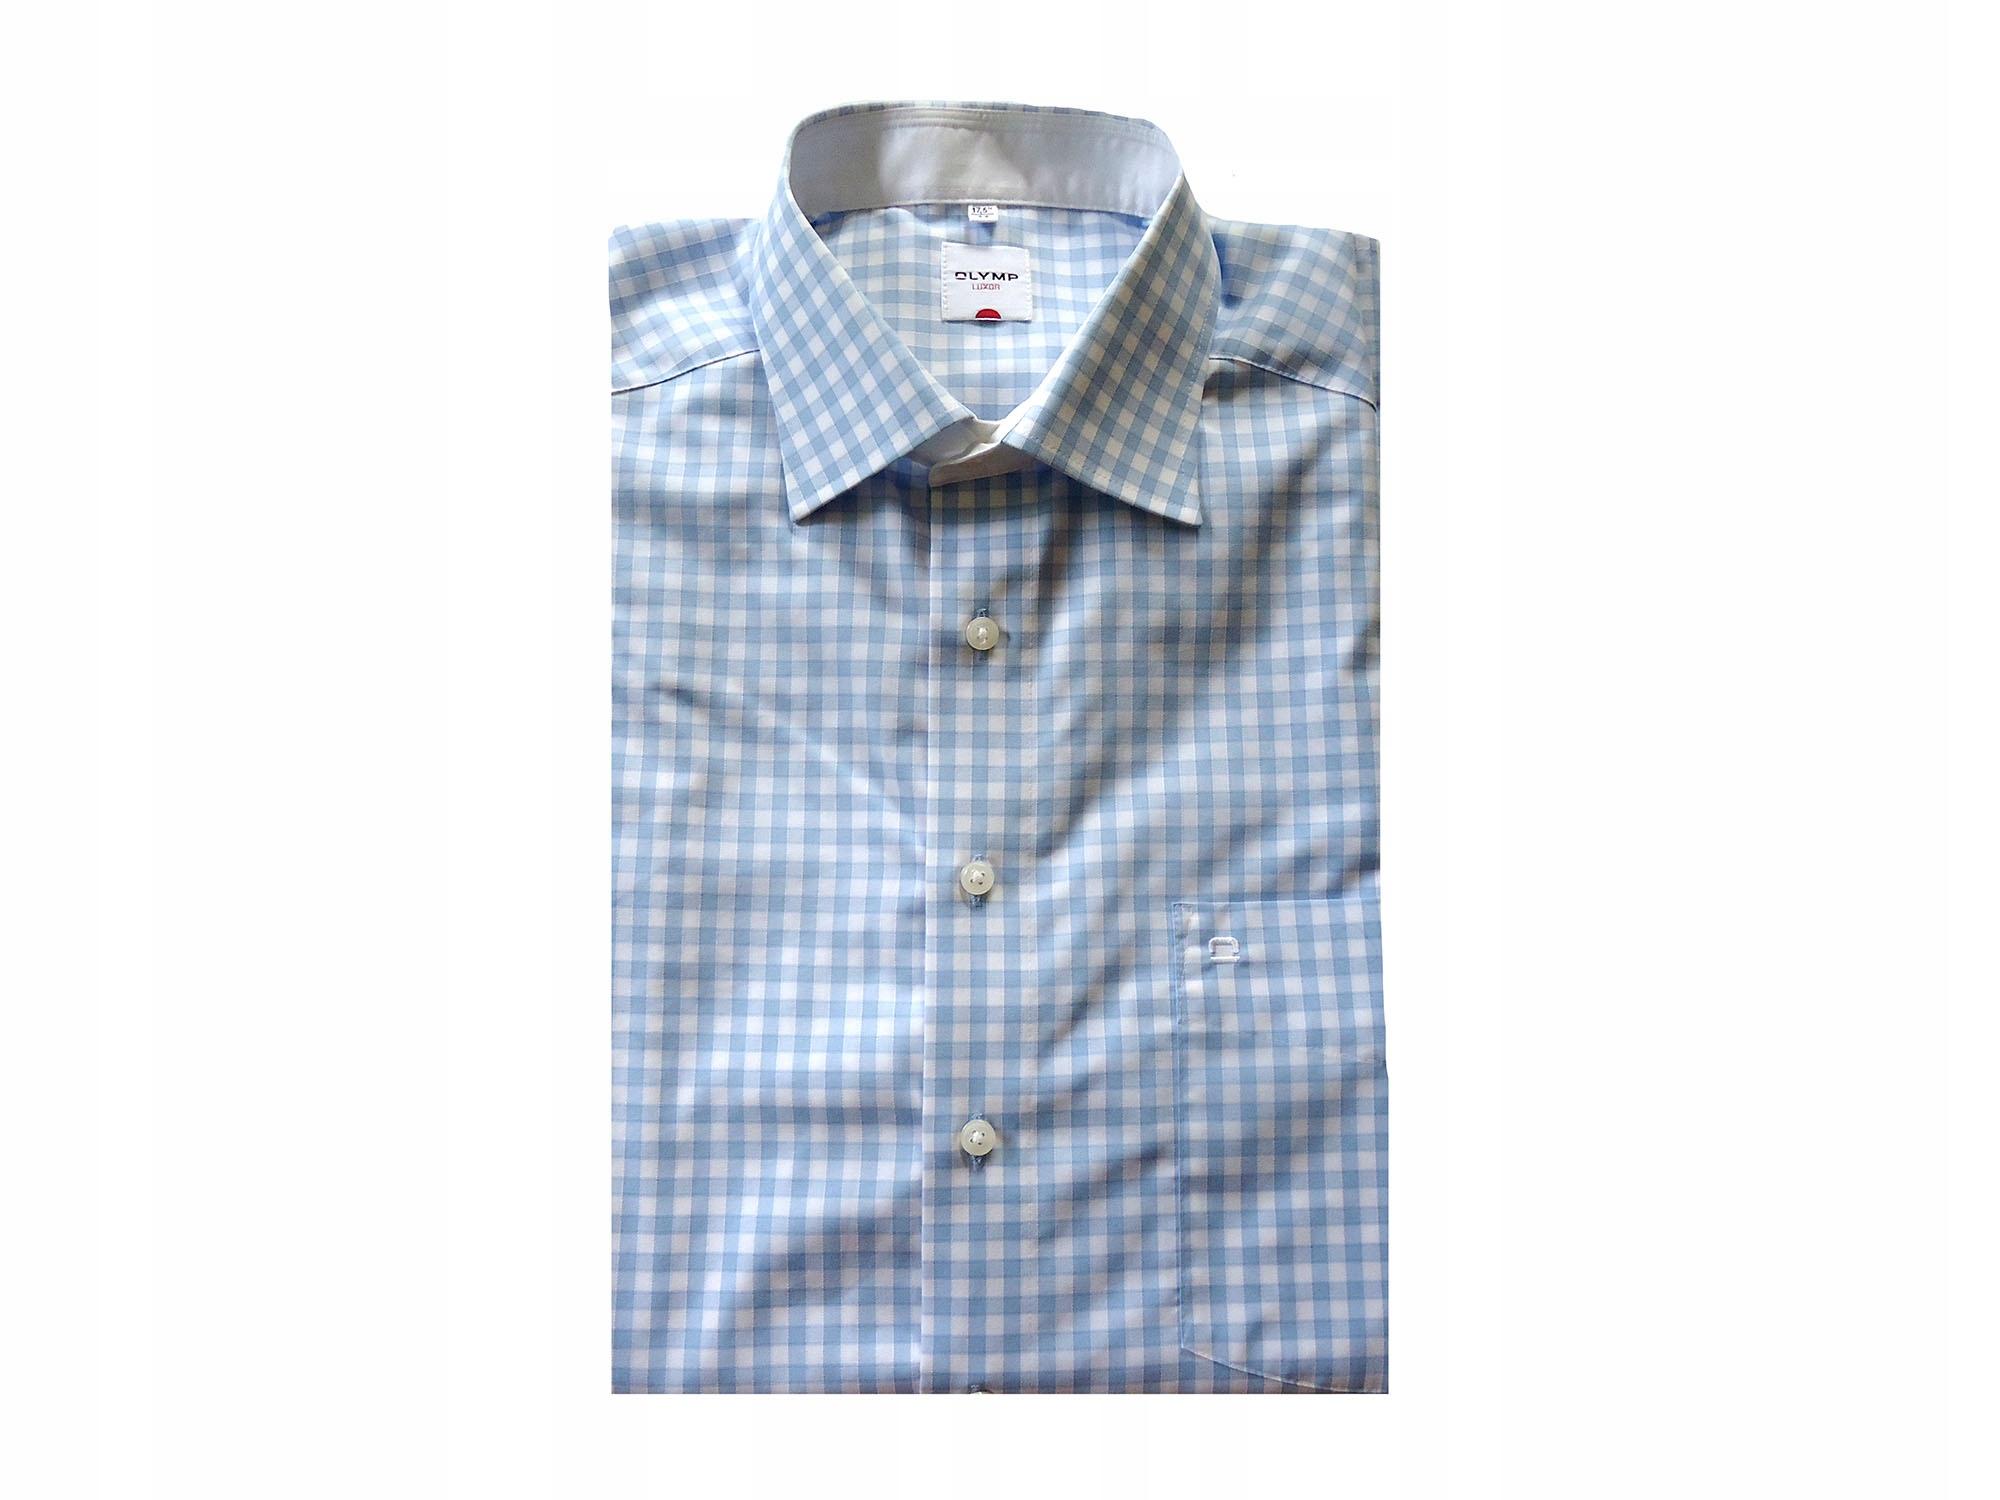 OLYMP LUXOR bawełniana koszula w kratkę XXL